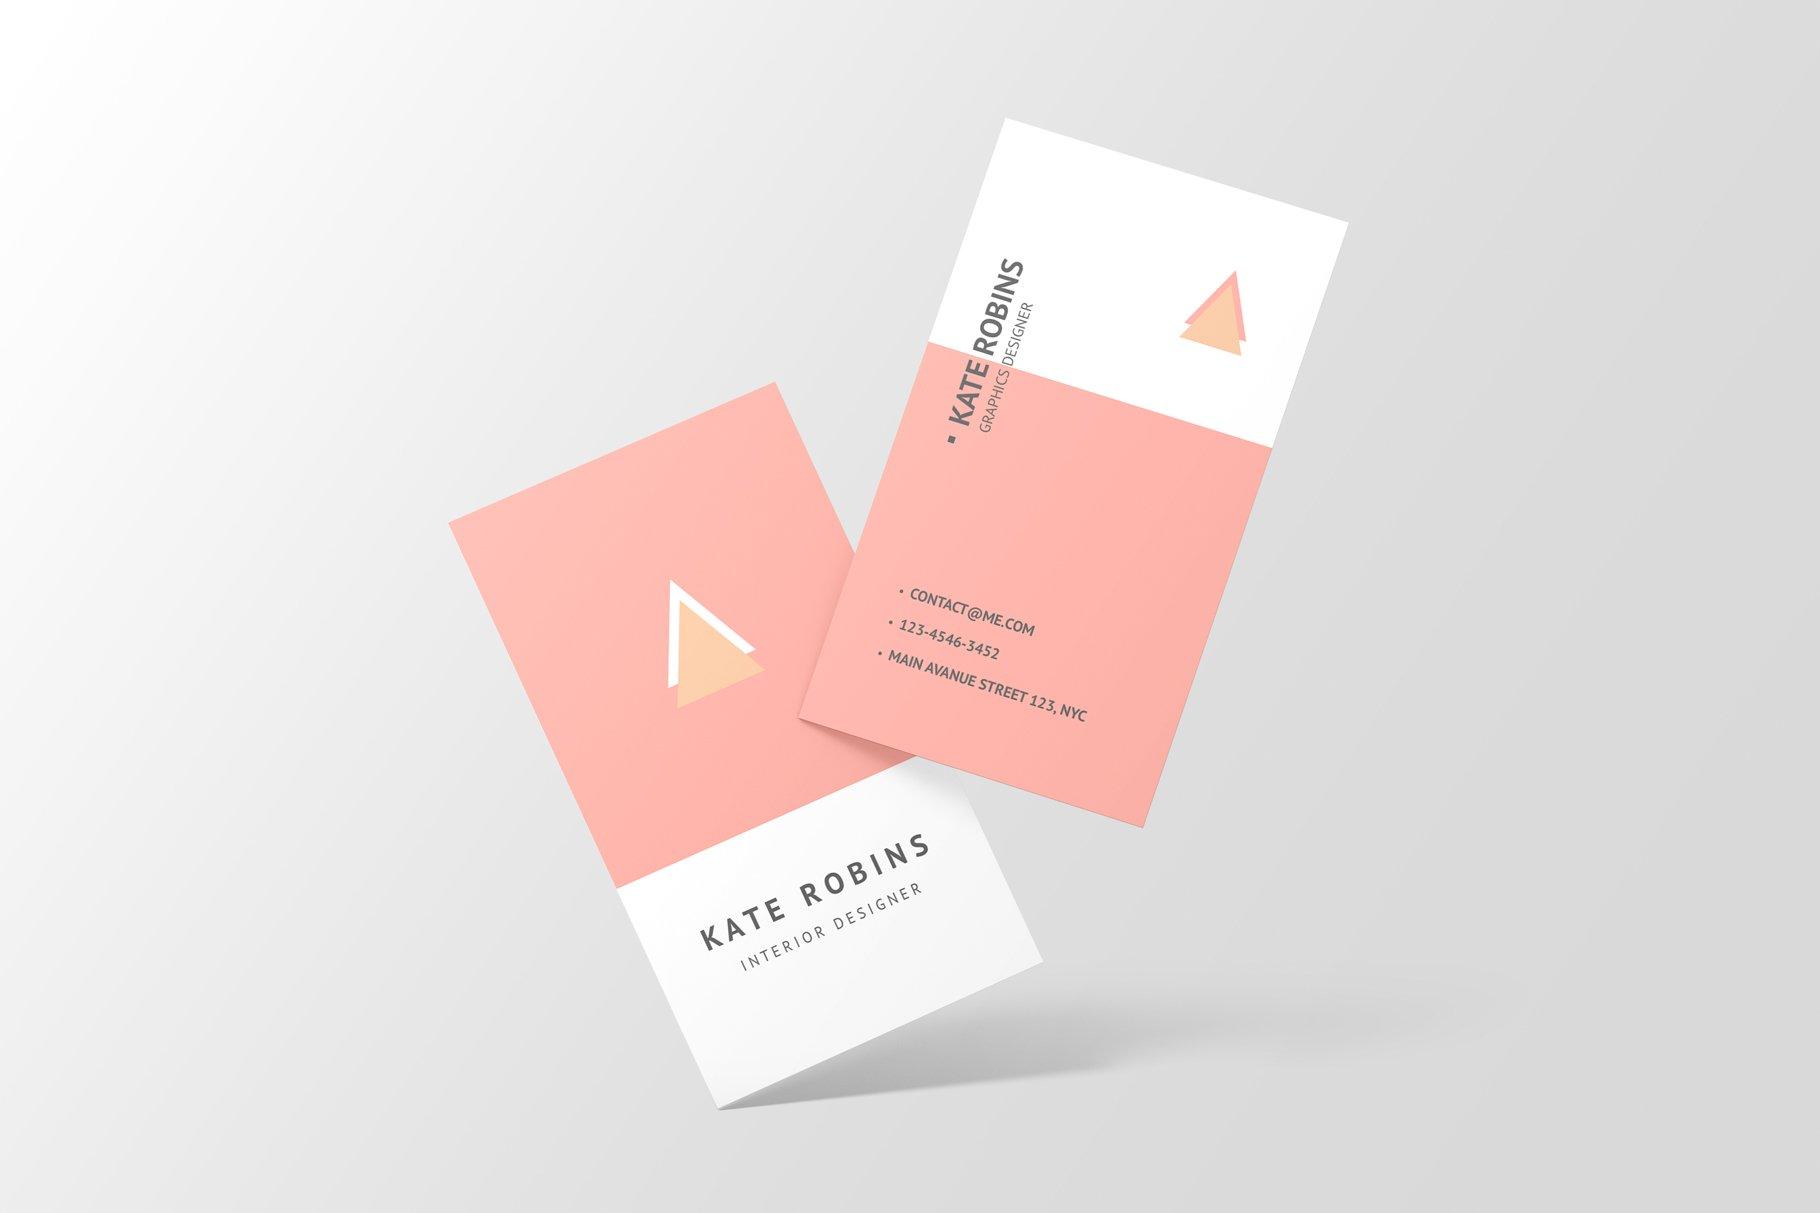 14款商务个人名片卡片设计展示样机 Portrait Business Card Mockup插图(3)